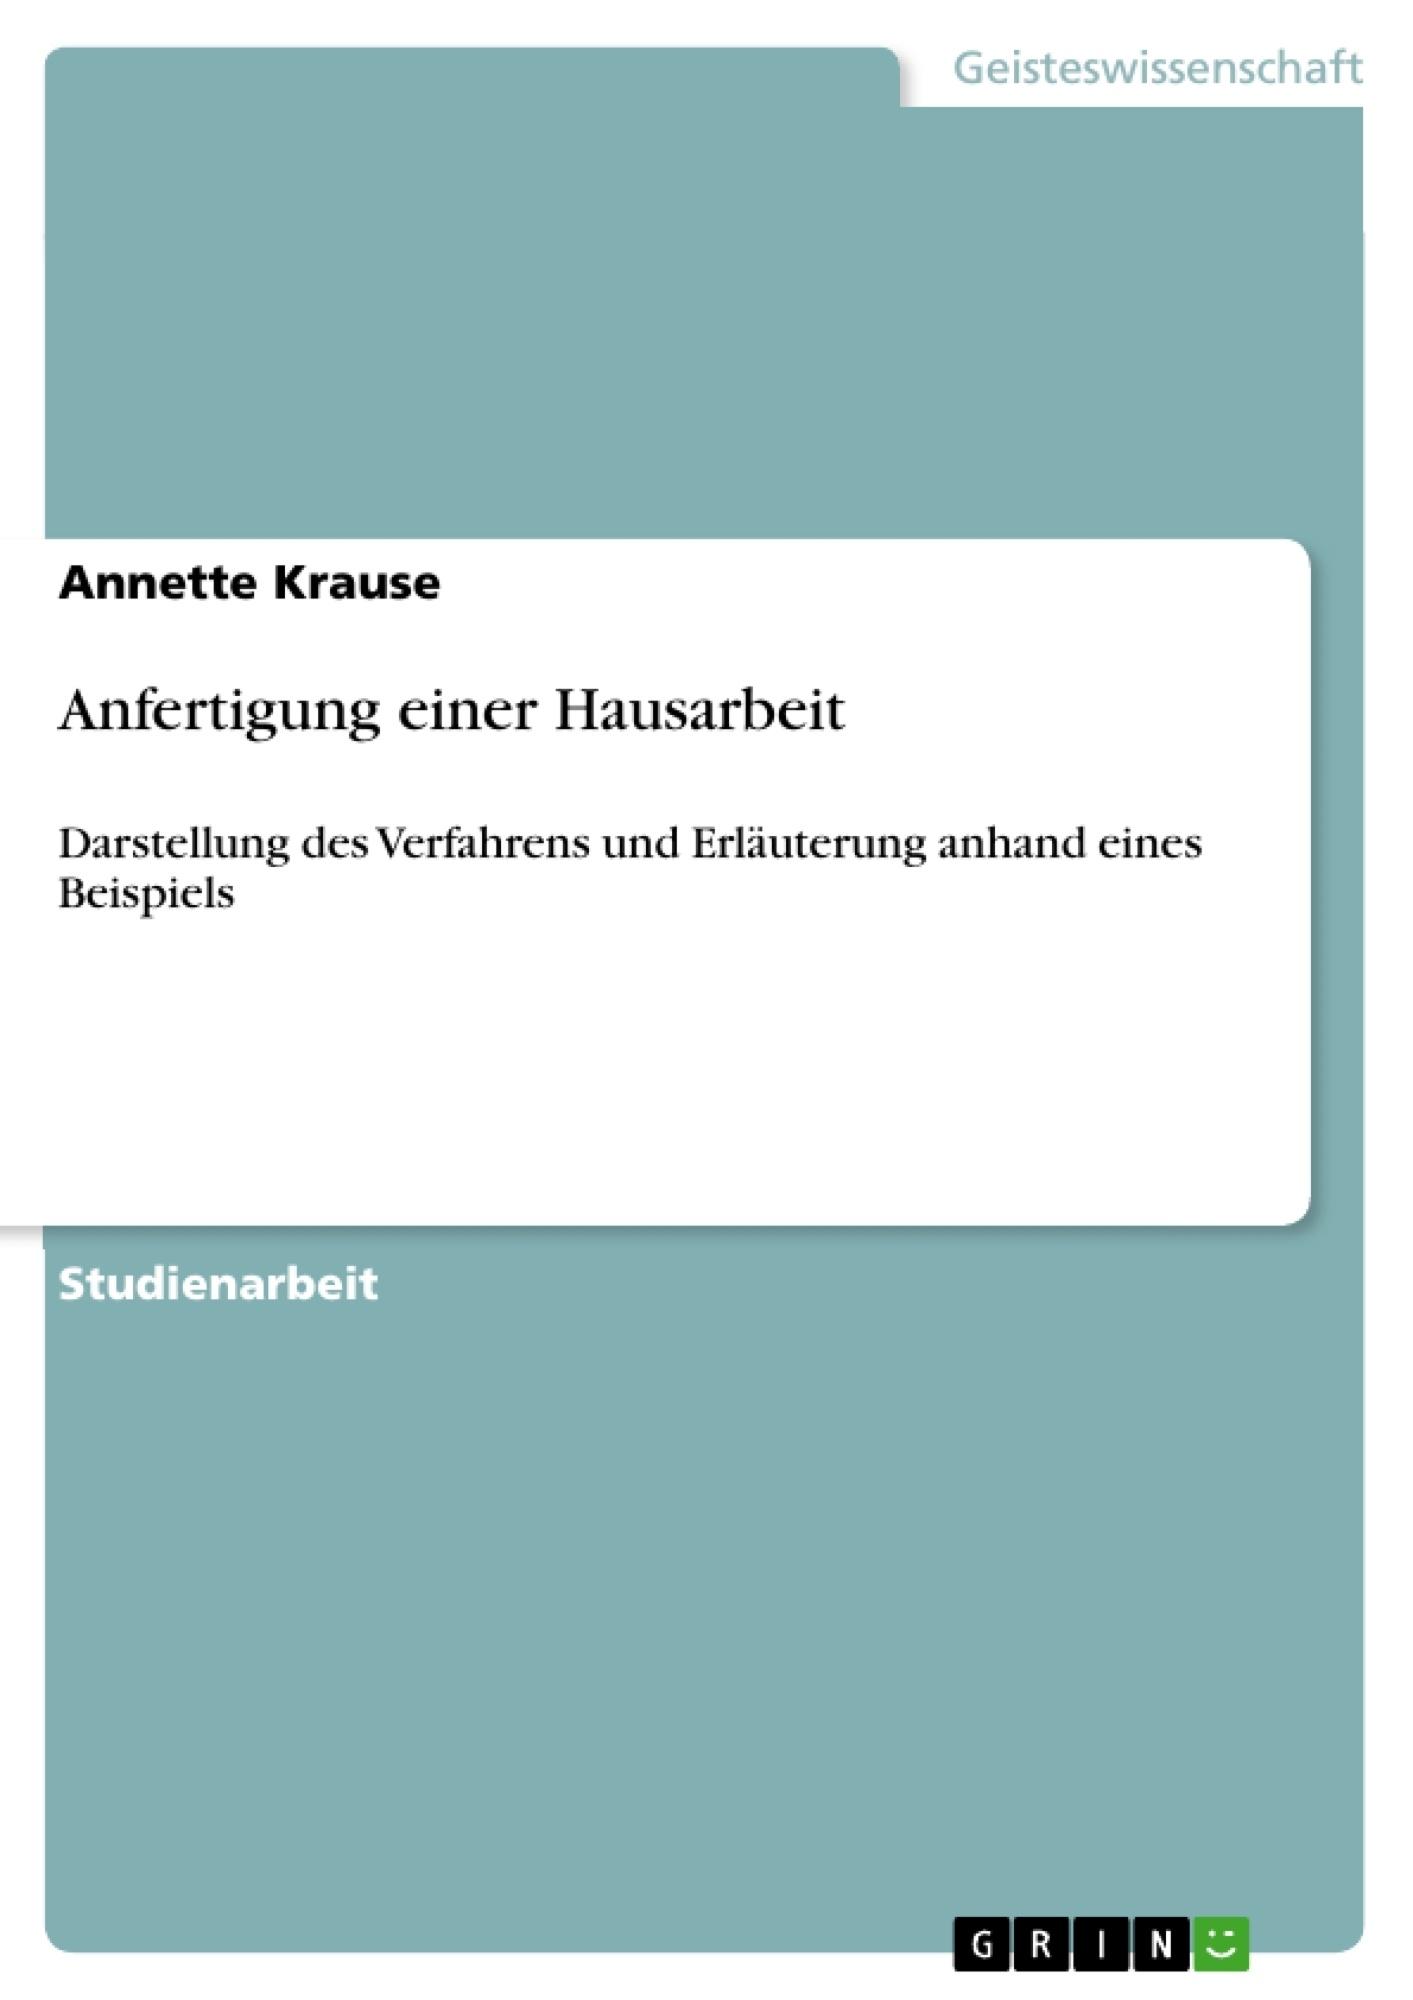 Titel: Anfertigung einer Hausarbeit